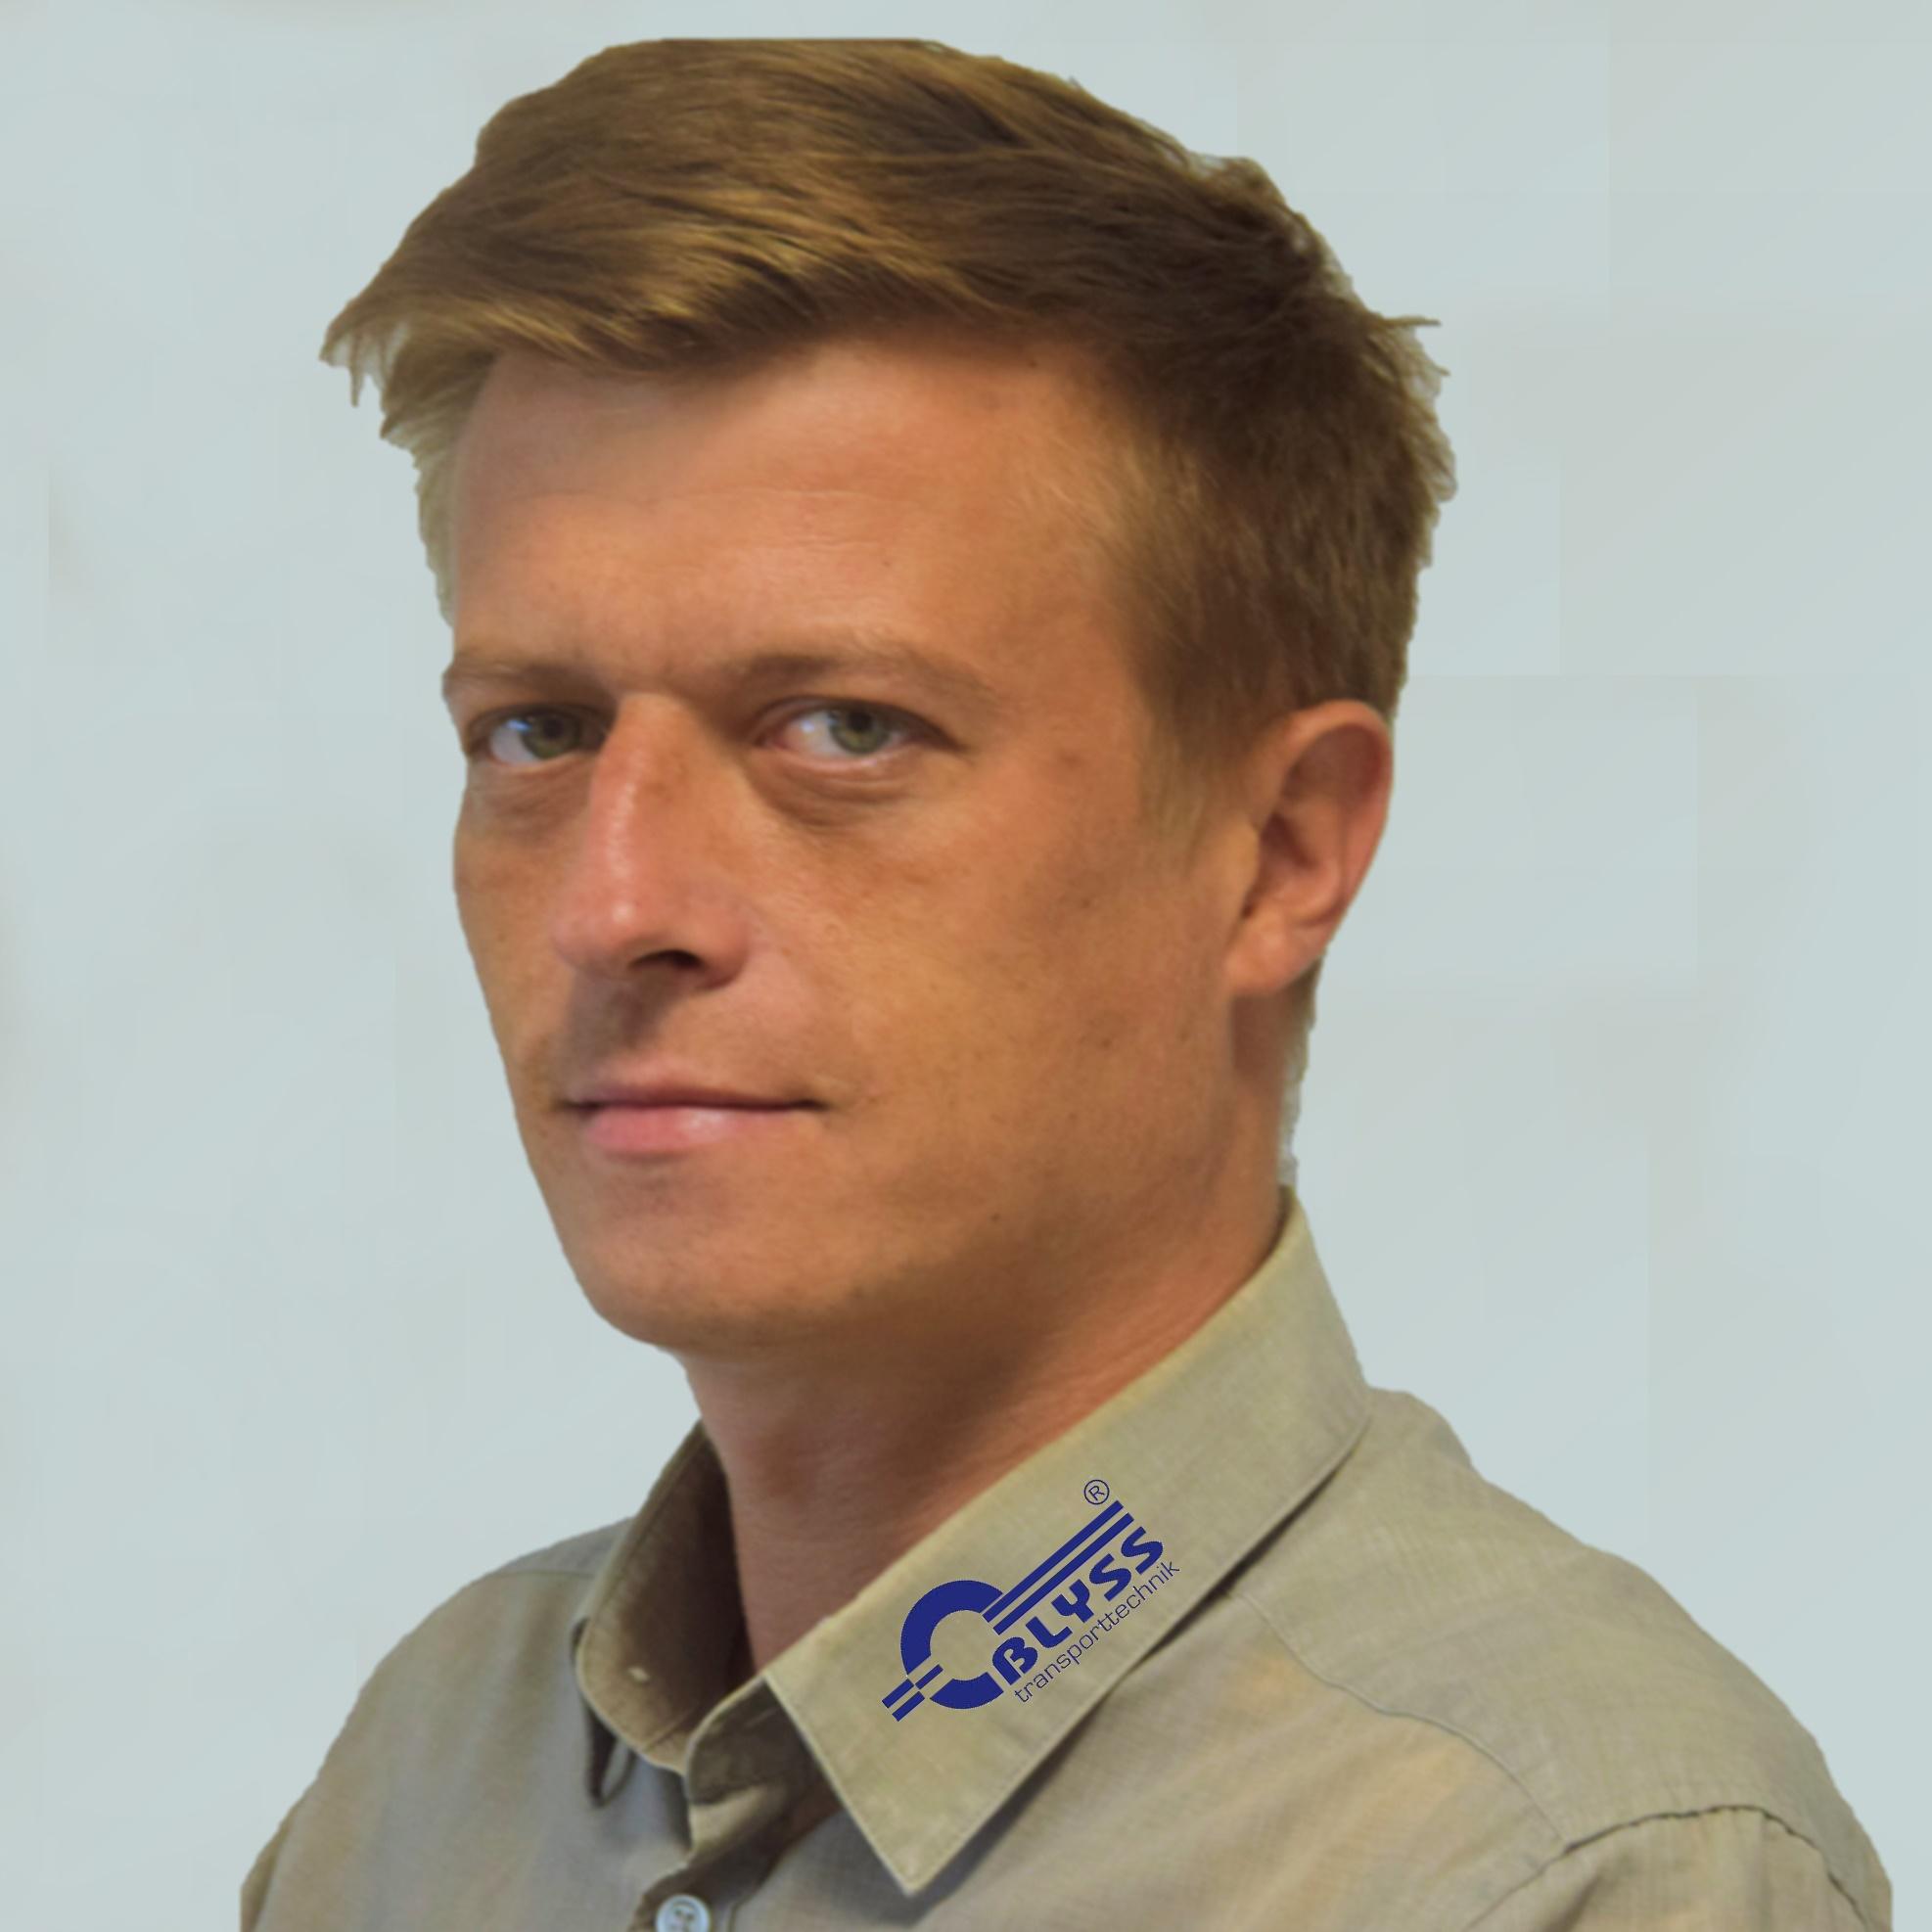 Tomasz Wieloch